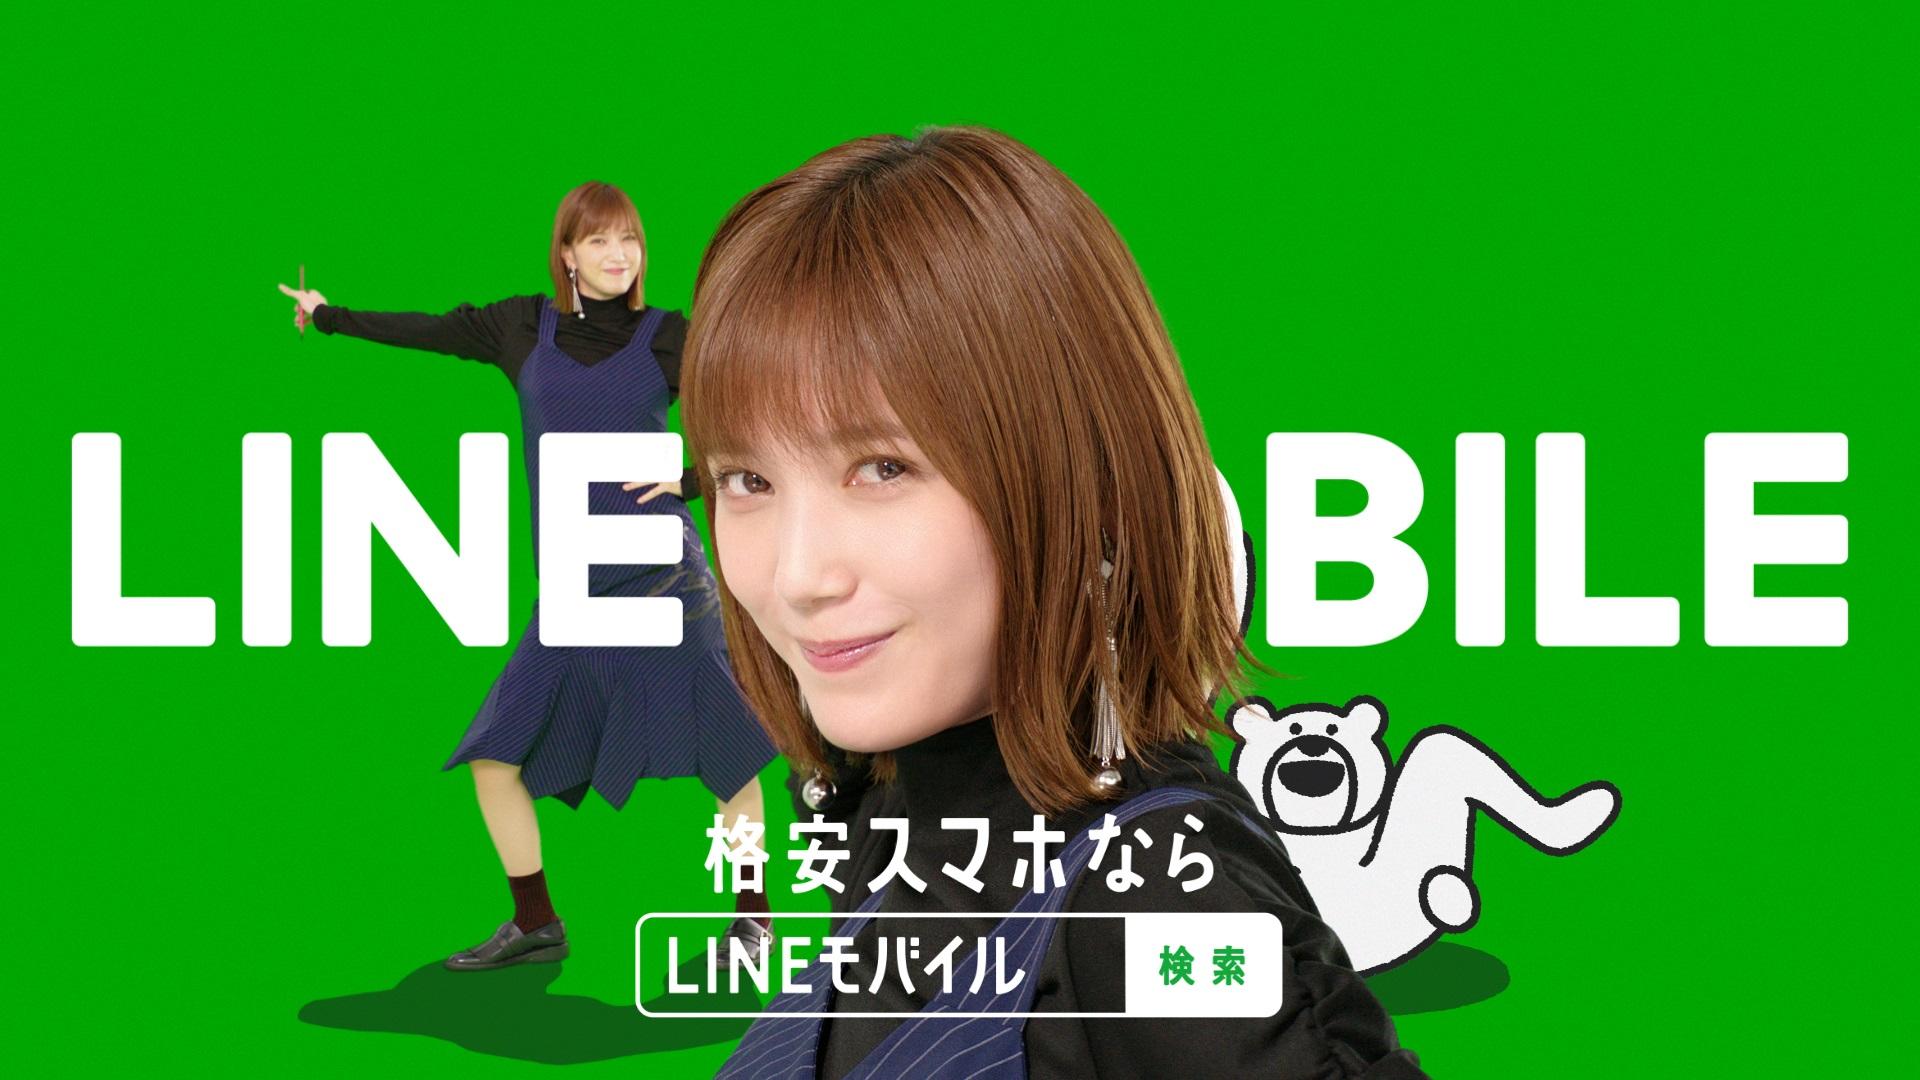 LINEモバイル、新テレビCMに本田翼さんを起用